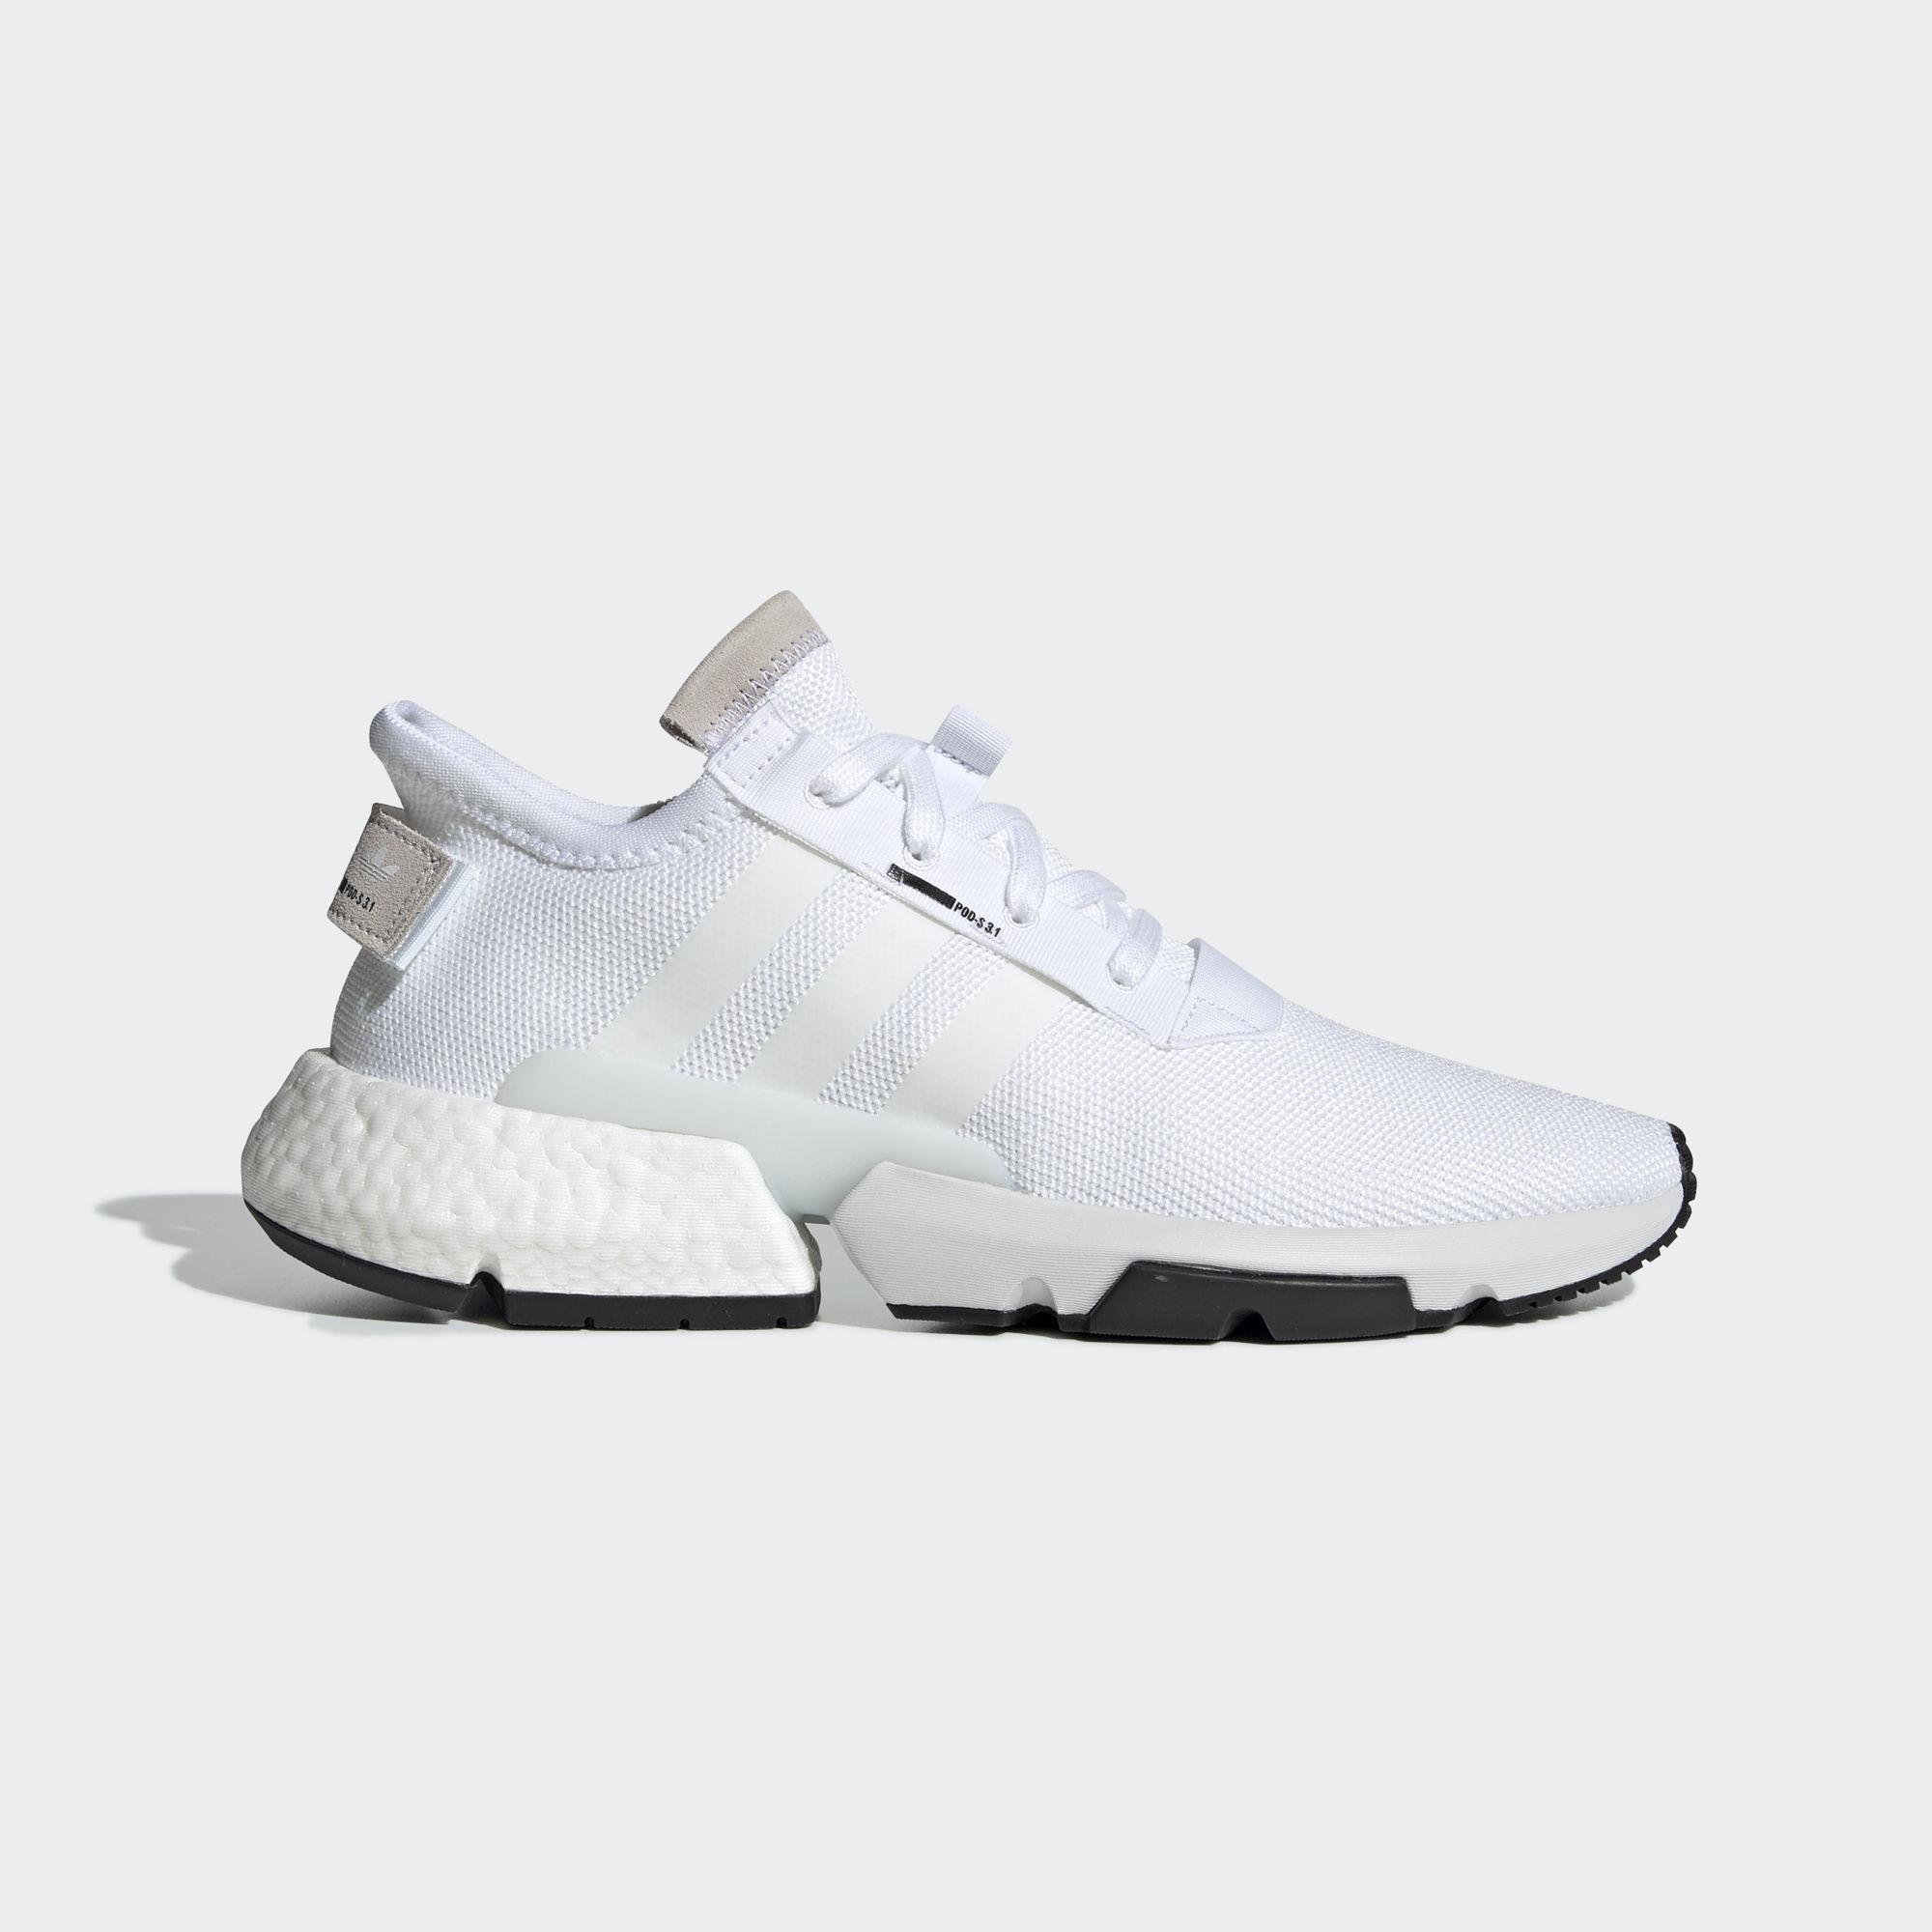 Pod s3.1 Shoes shop 25 70% | Gratis retourneren | Afound